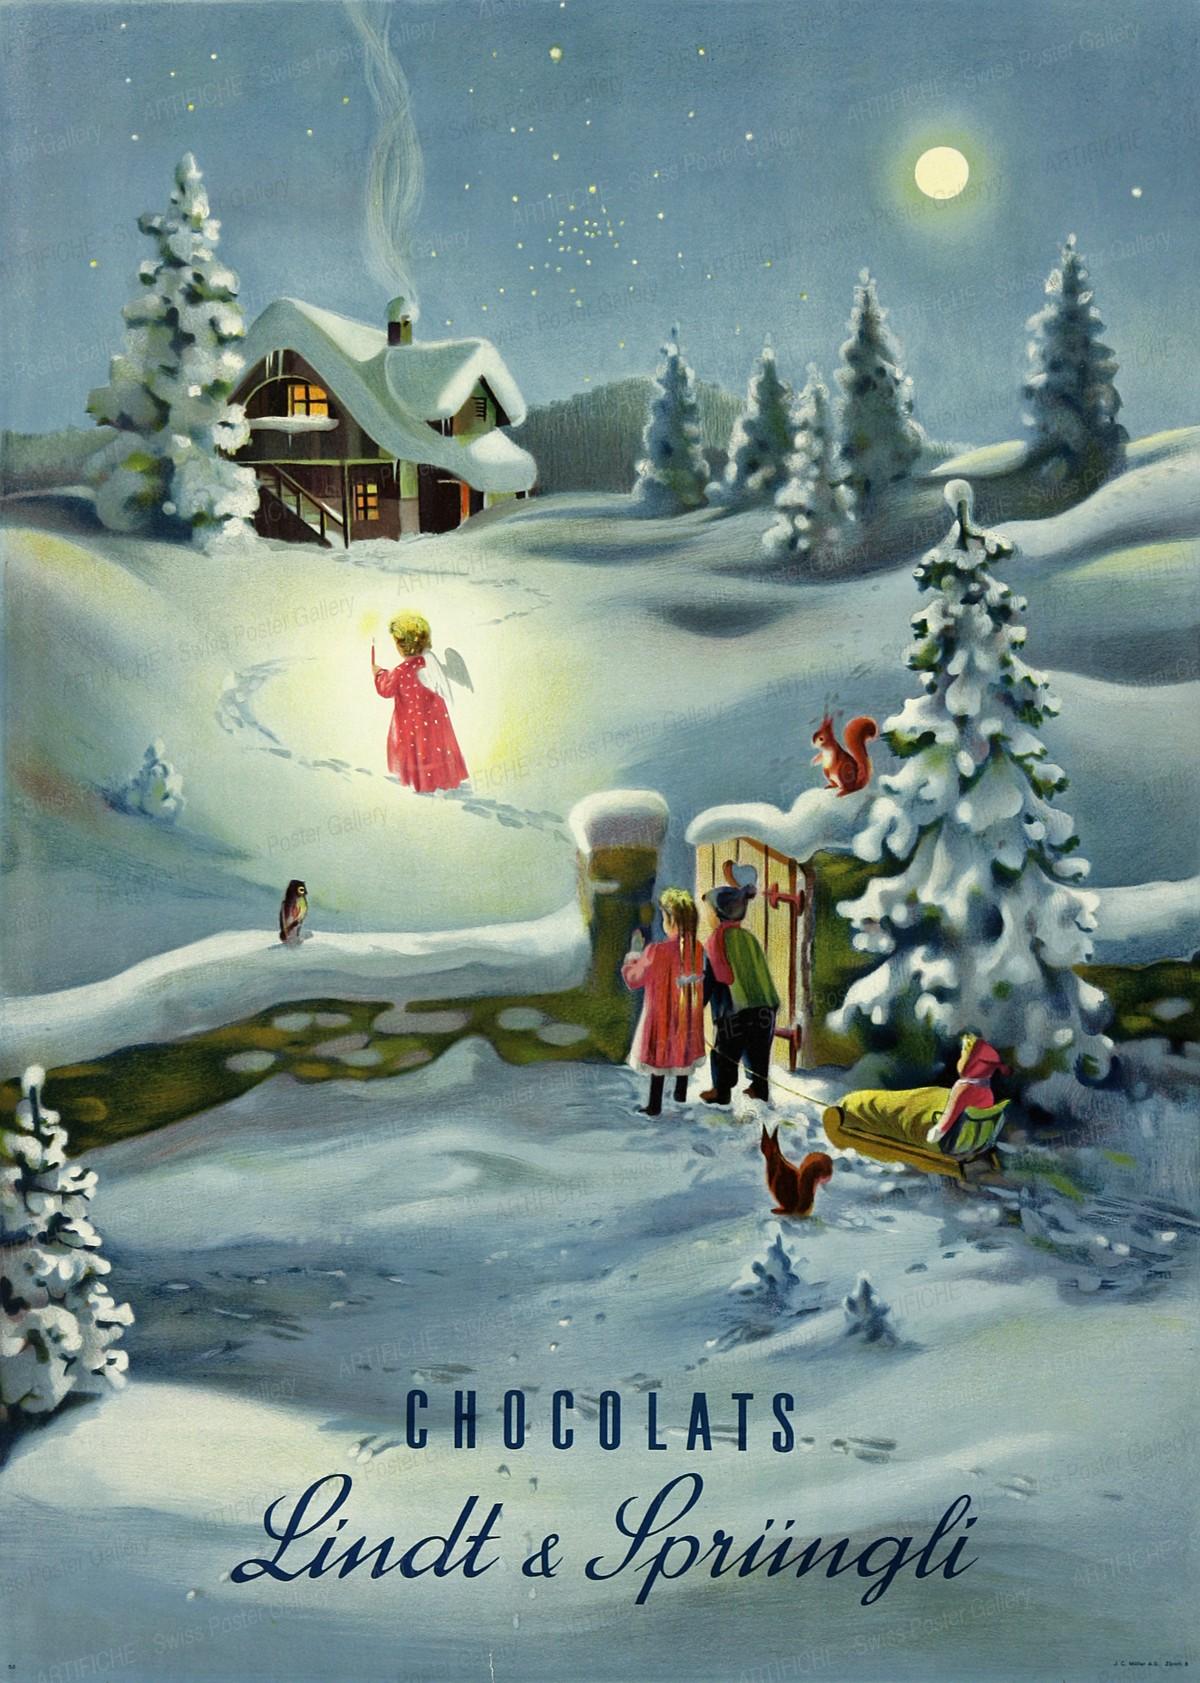 Chocolats Lindt & Sprüngli, Etienne Bucher